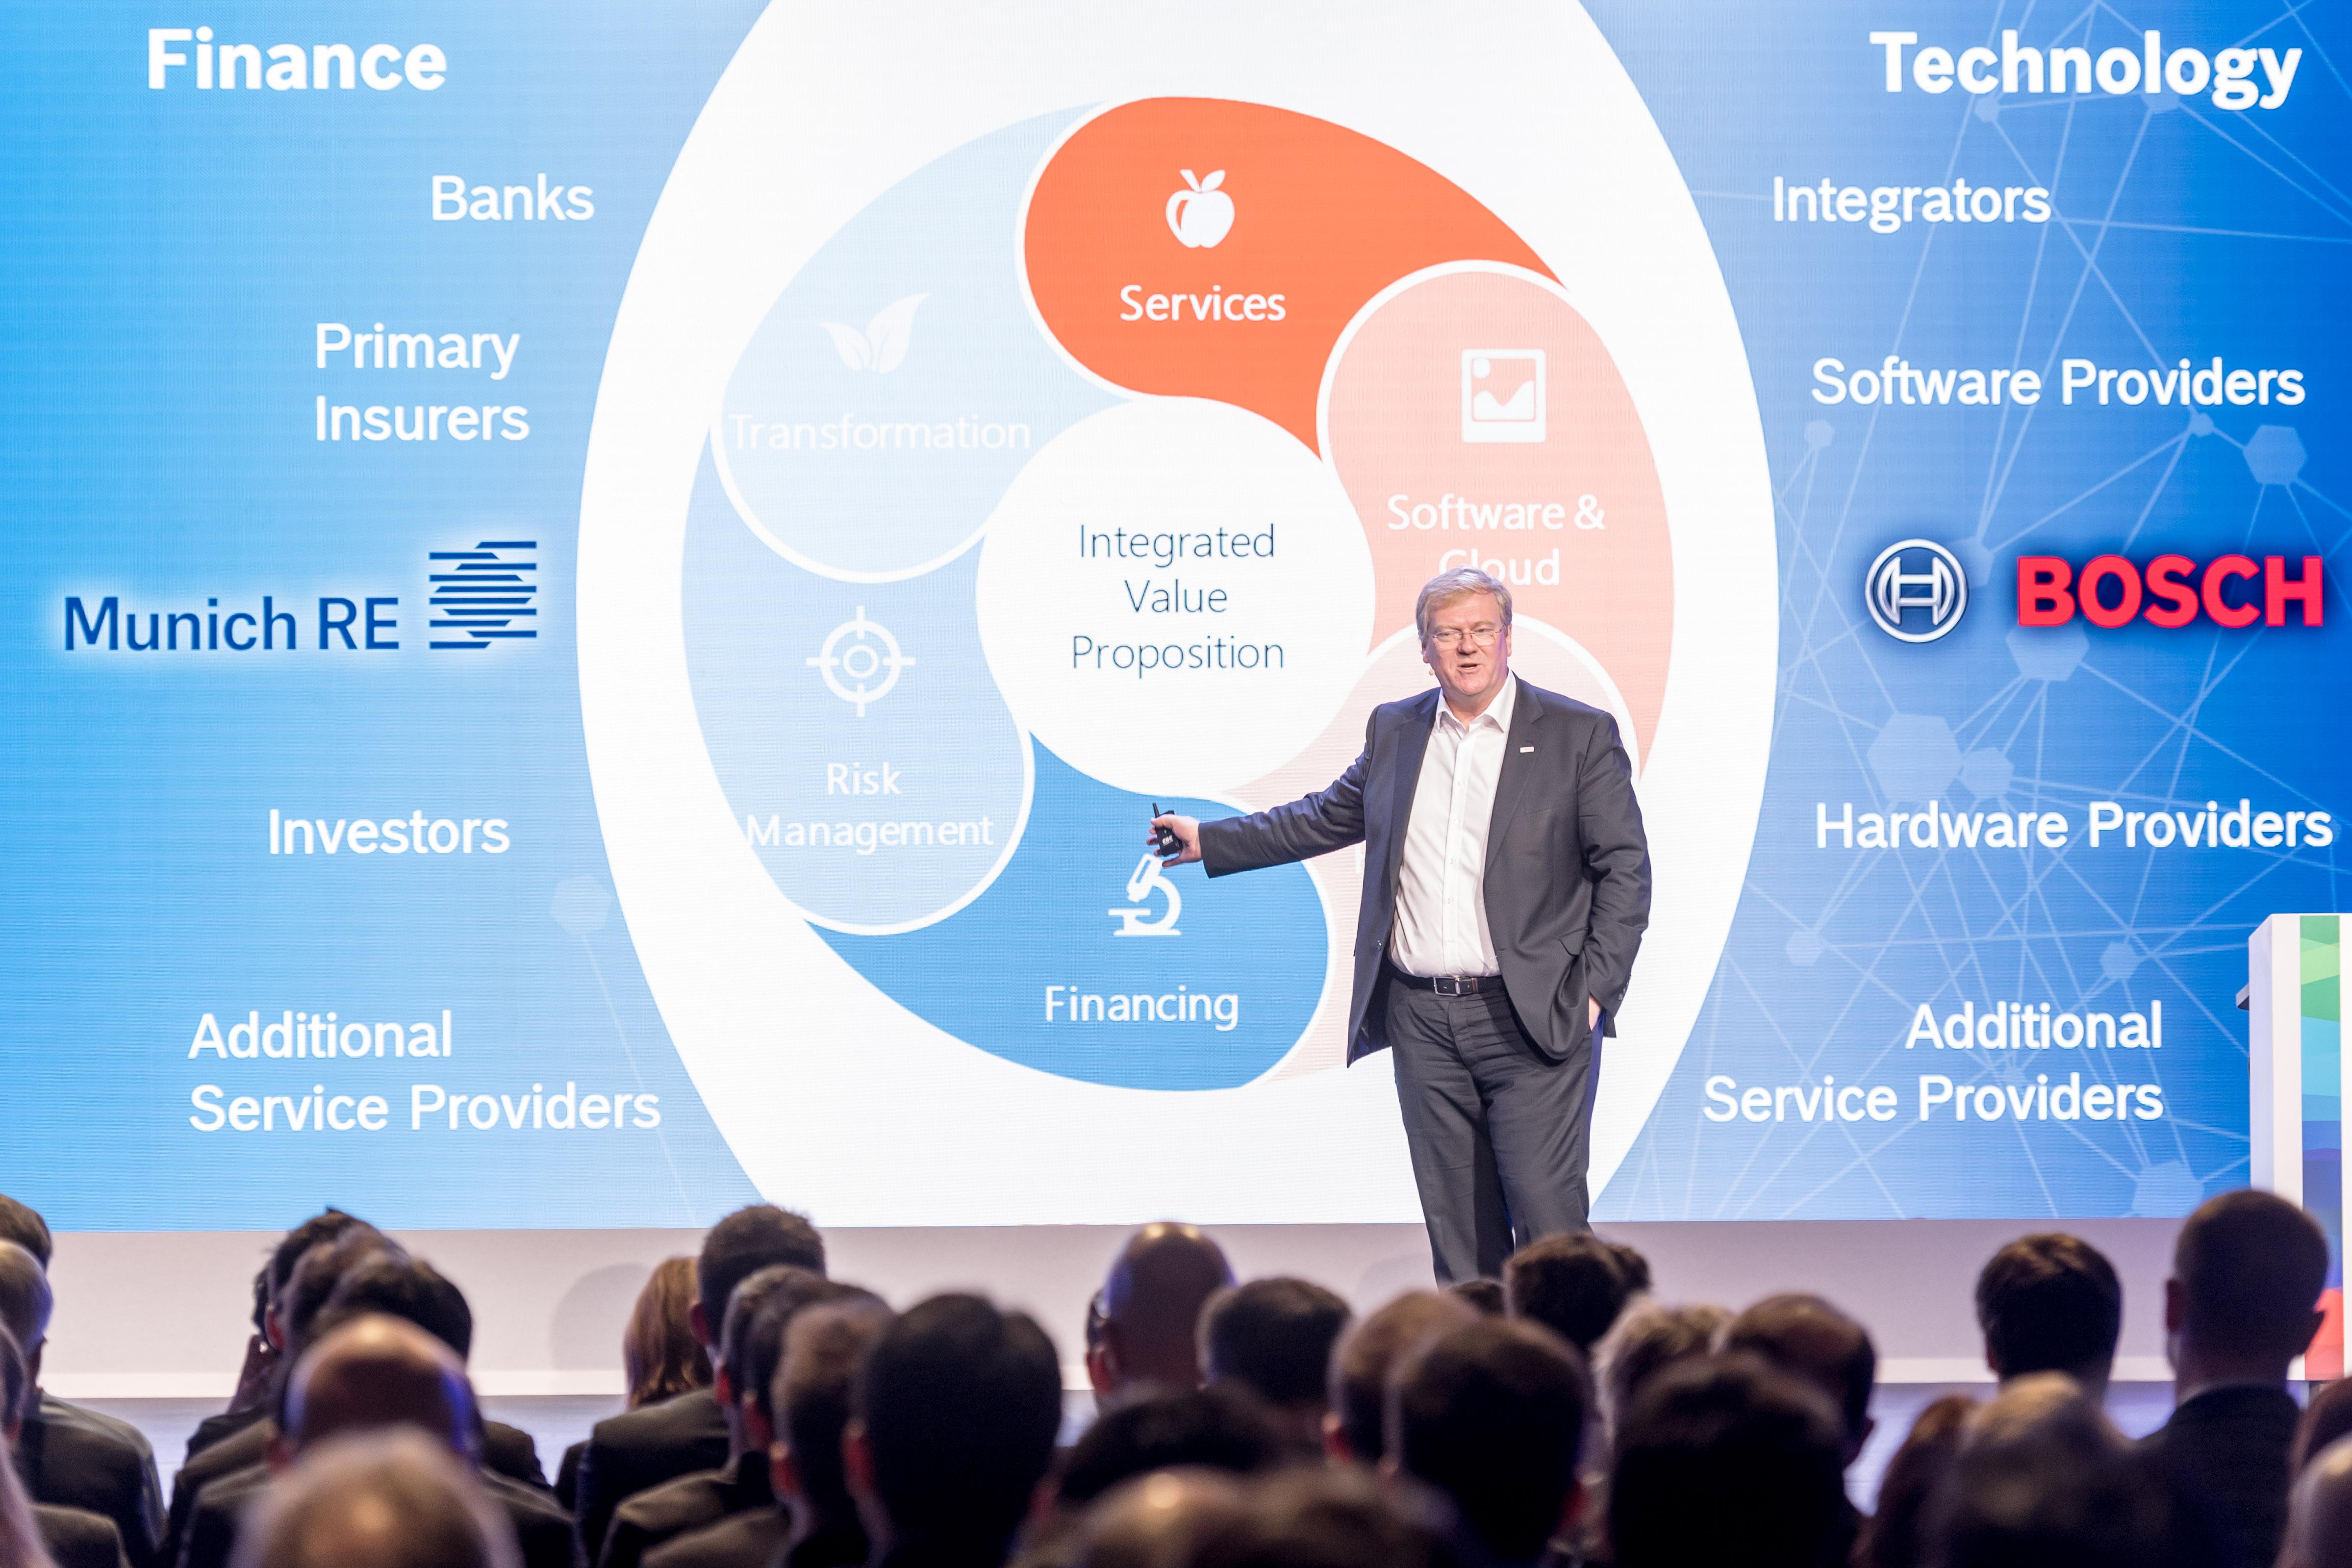 Bosch board member Dr. Stefan Hartung